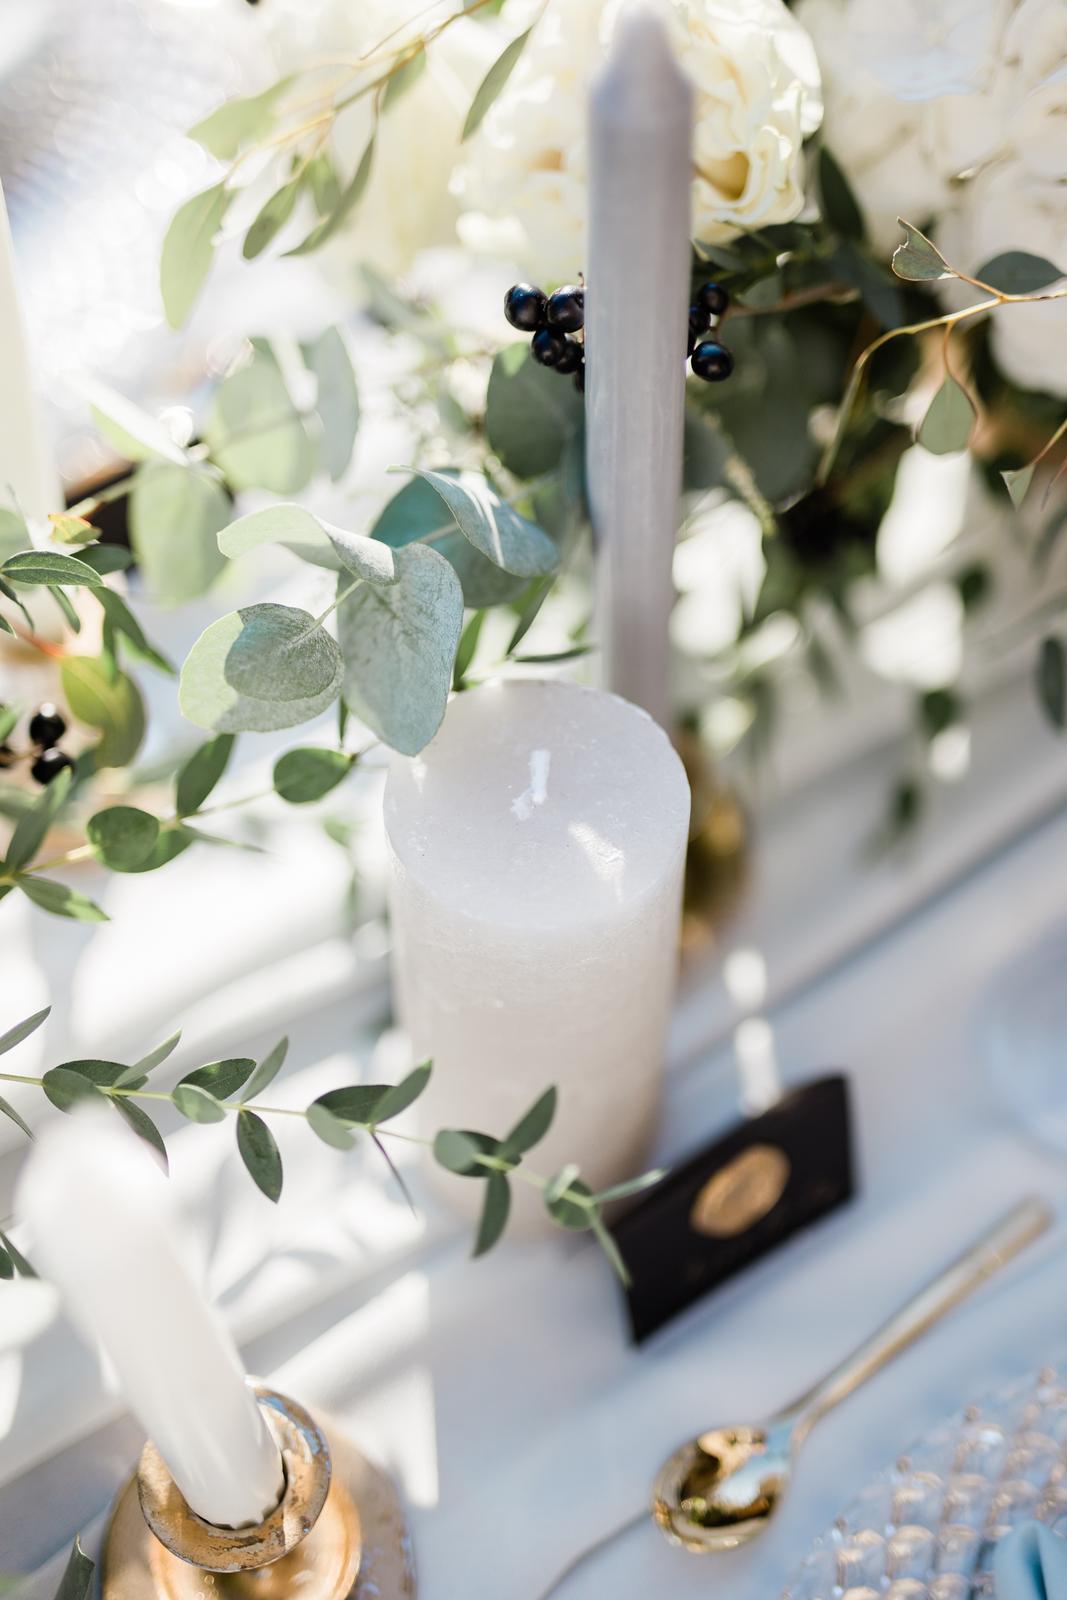 Prekrásna sivo-bledomodrá výzdoba v kombinácii s greenery doplnená zlatou v centre Košíc. - Obrázok č. 16